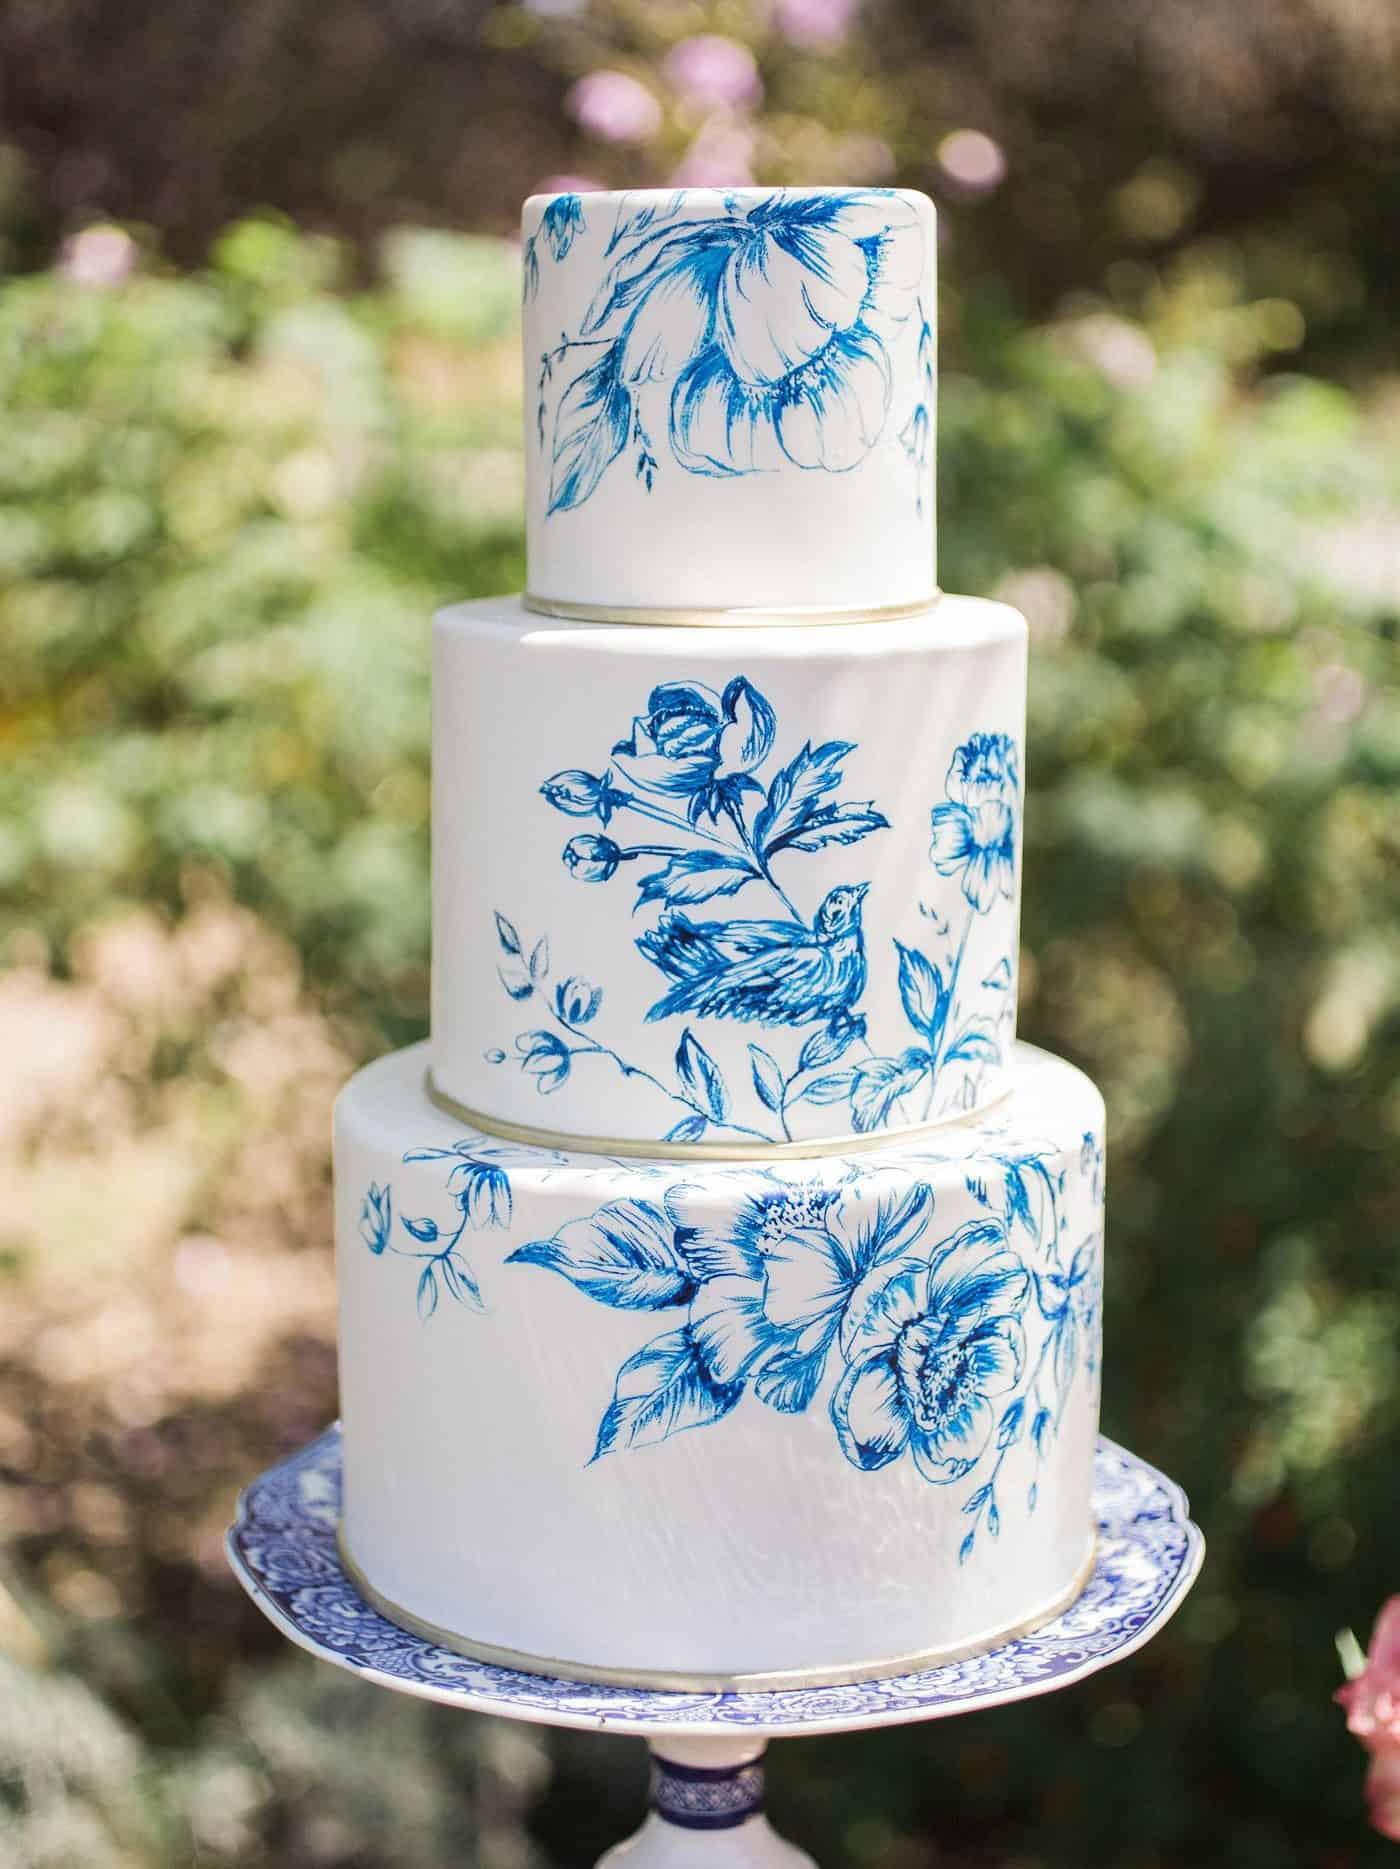 γαμήλια τούρτα ζωγραφισμένη με μπλέ λουλούδια σε gzhel στυλ